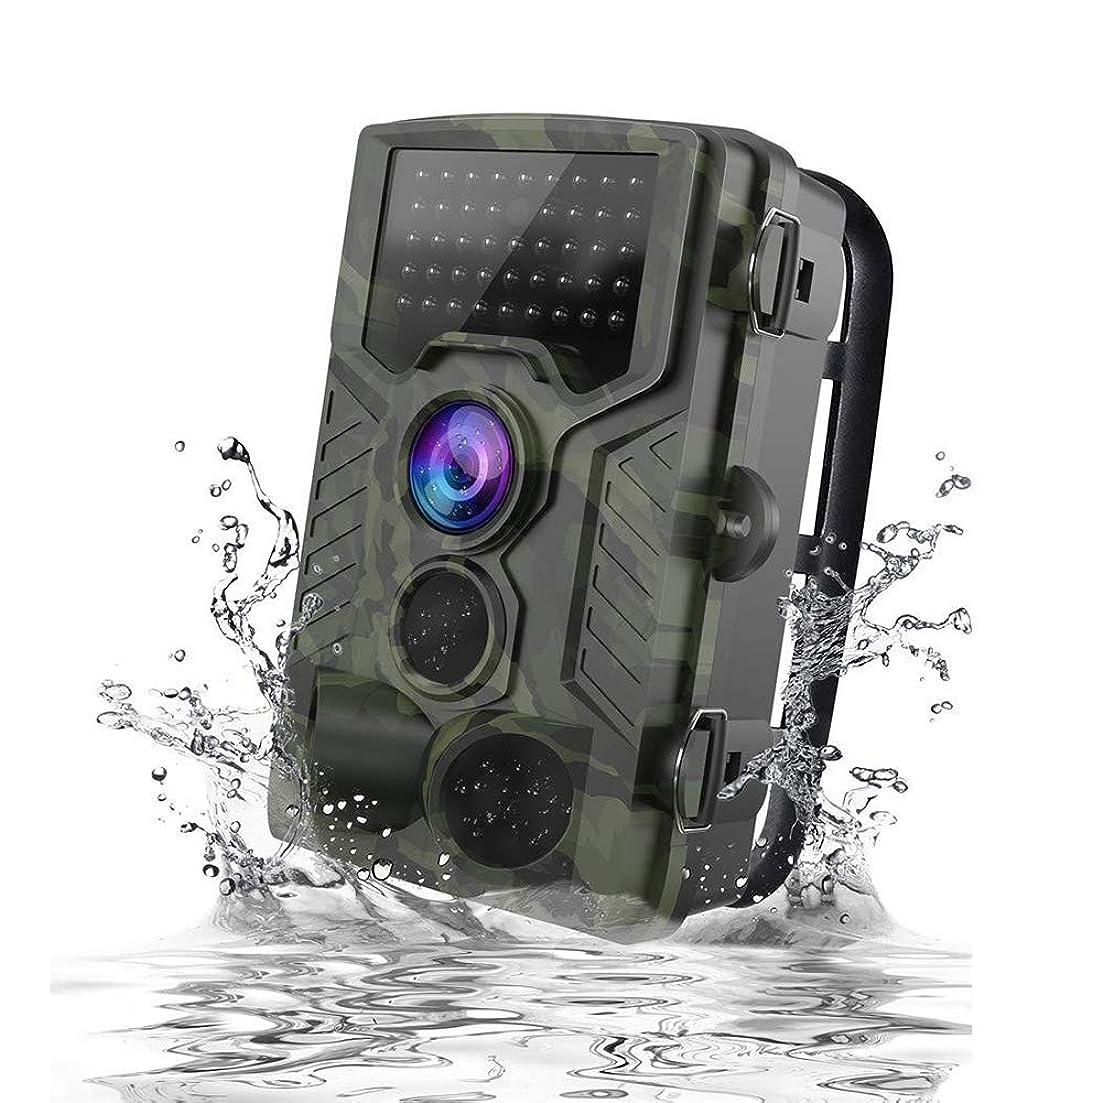 リルリマークくすぐったいACHICOO ハンティングカメラ 120°広角レンズ IP65防水 1080P HD ワイルドライフ トレイル モーション アクティブ ナイトビジョン 野生動物の偵察カメラ